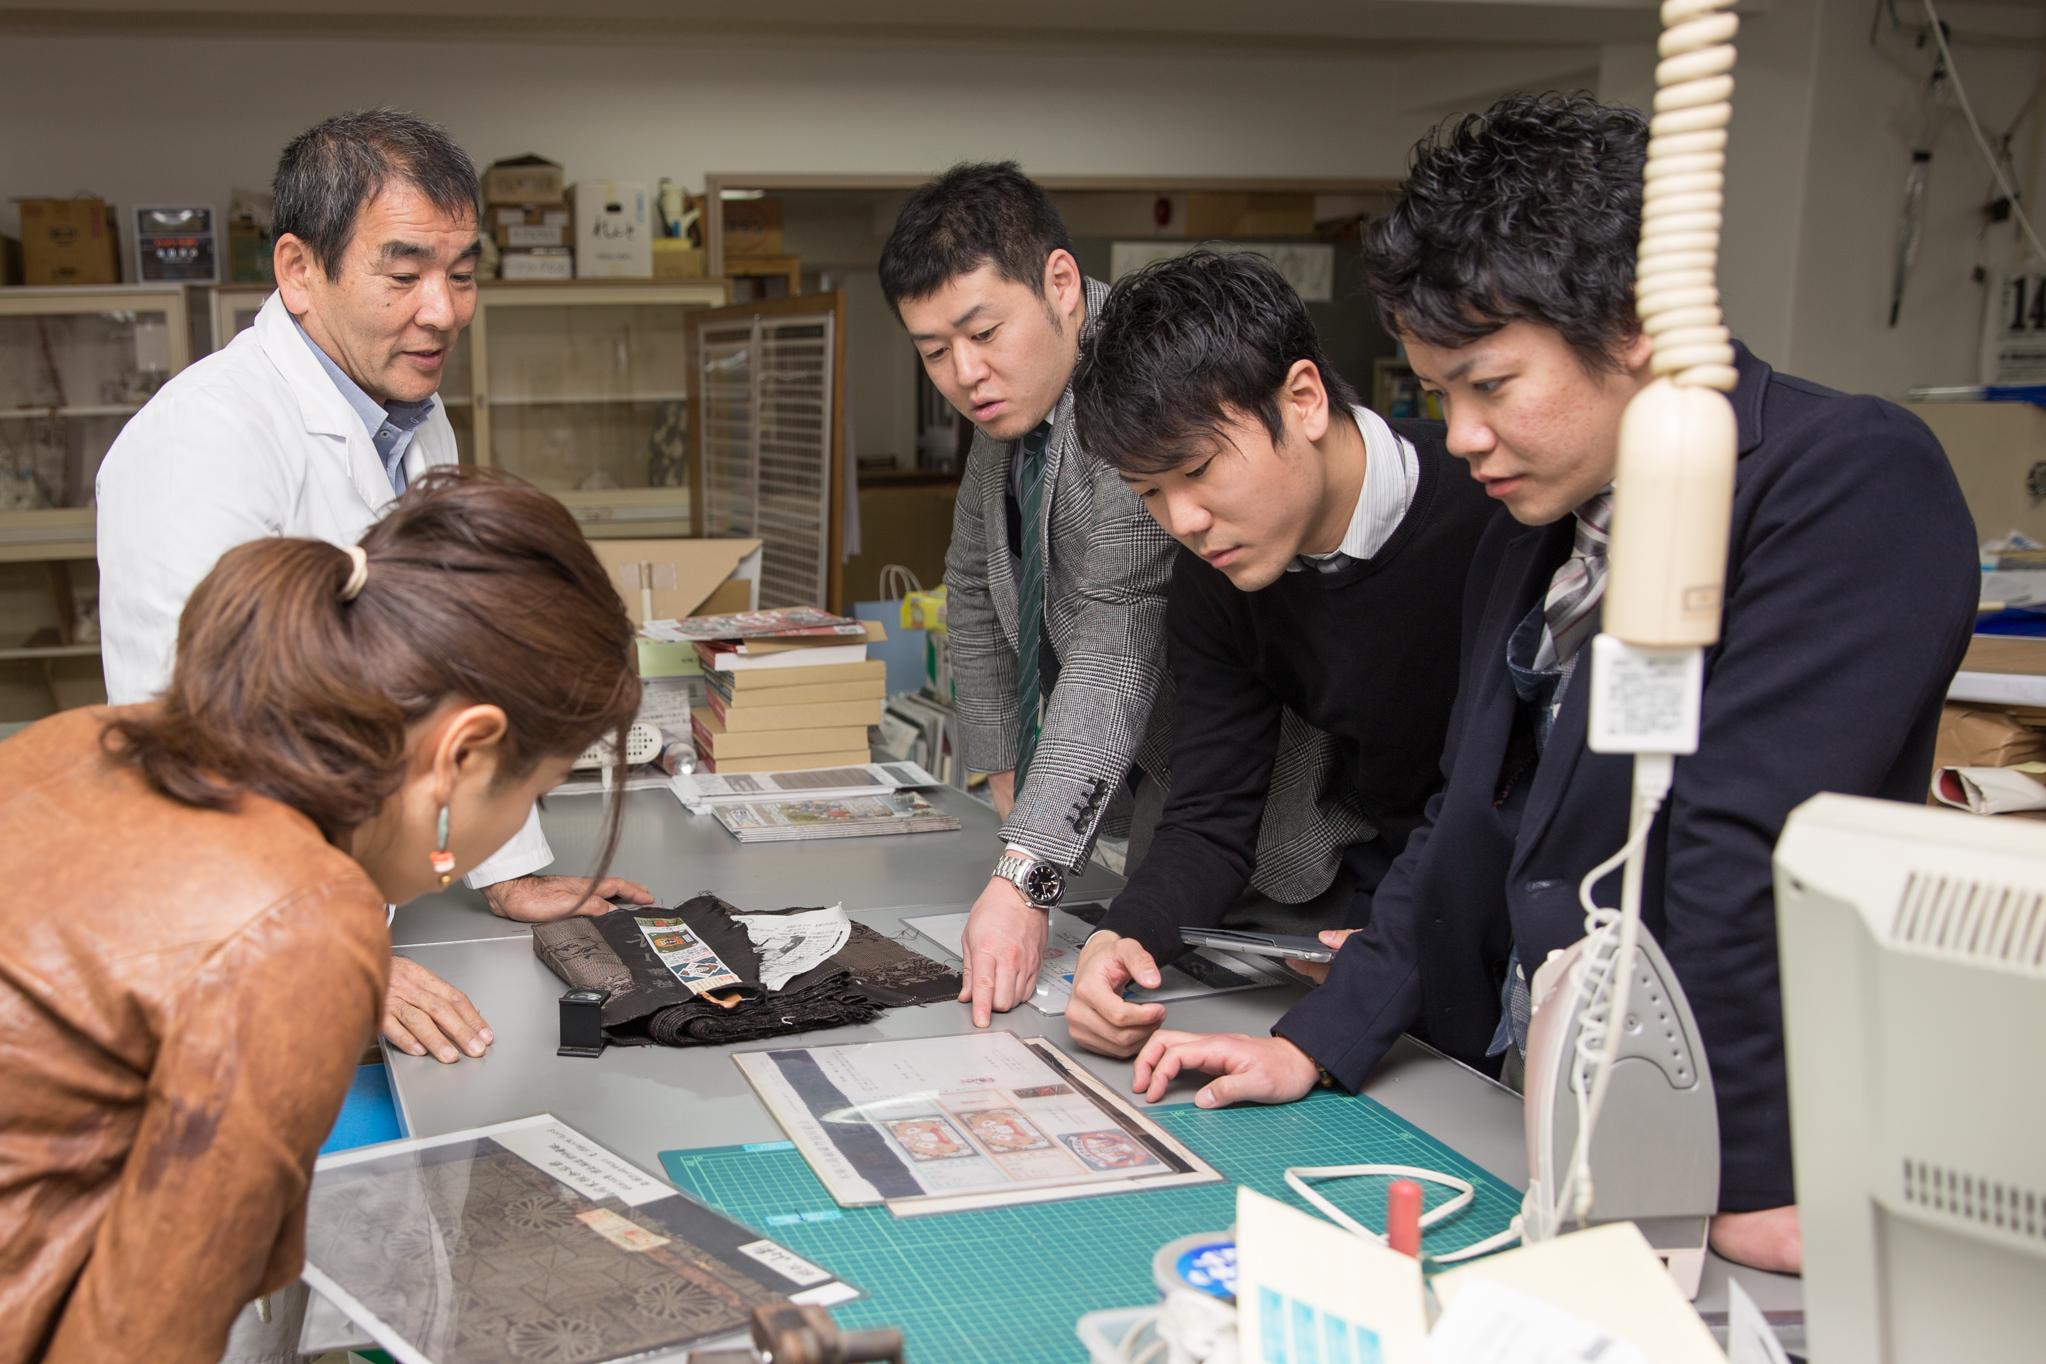 本場奄美大島紬協同組合に研修で来られた方々